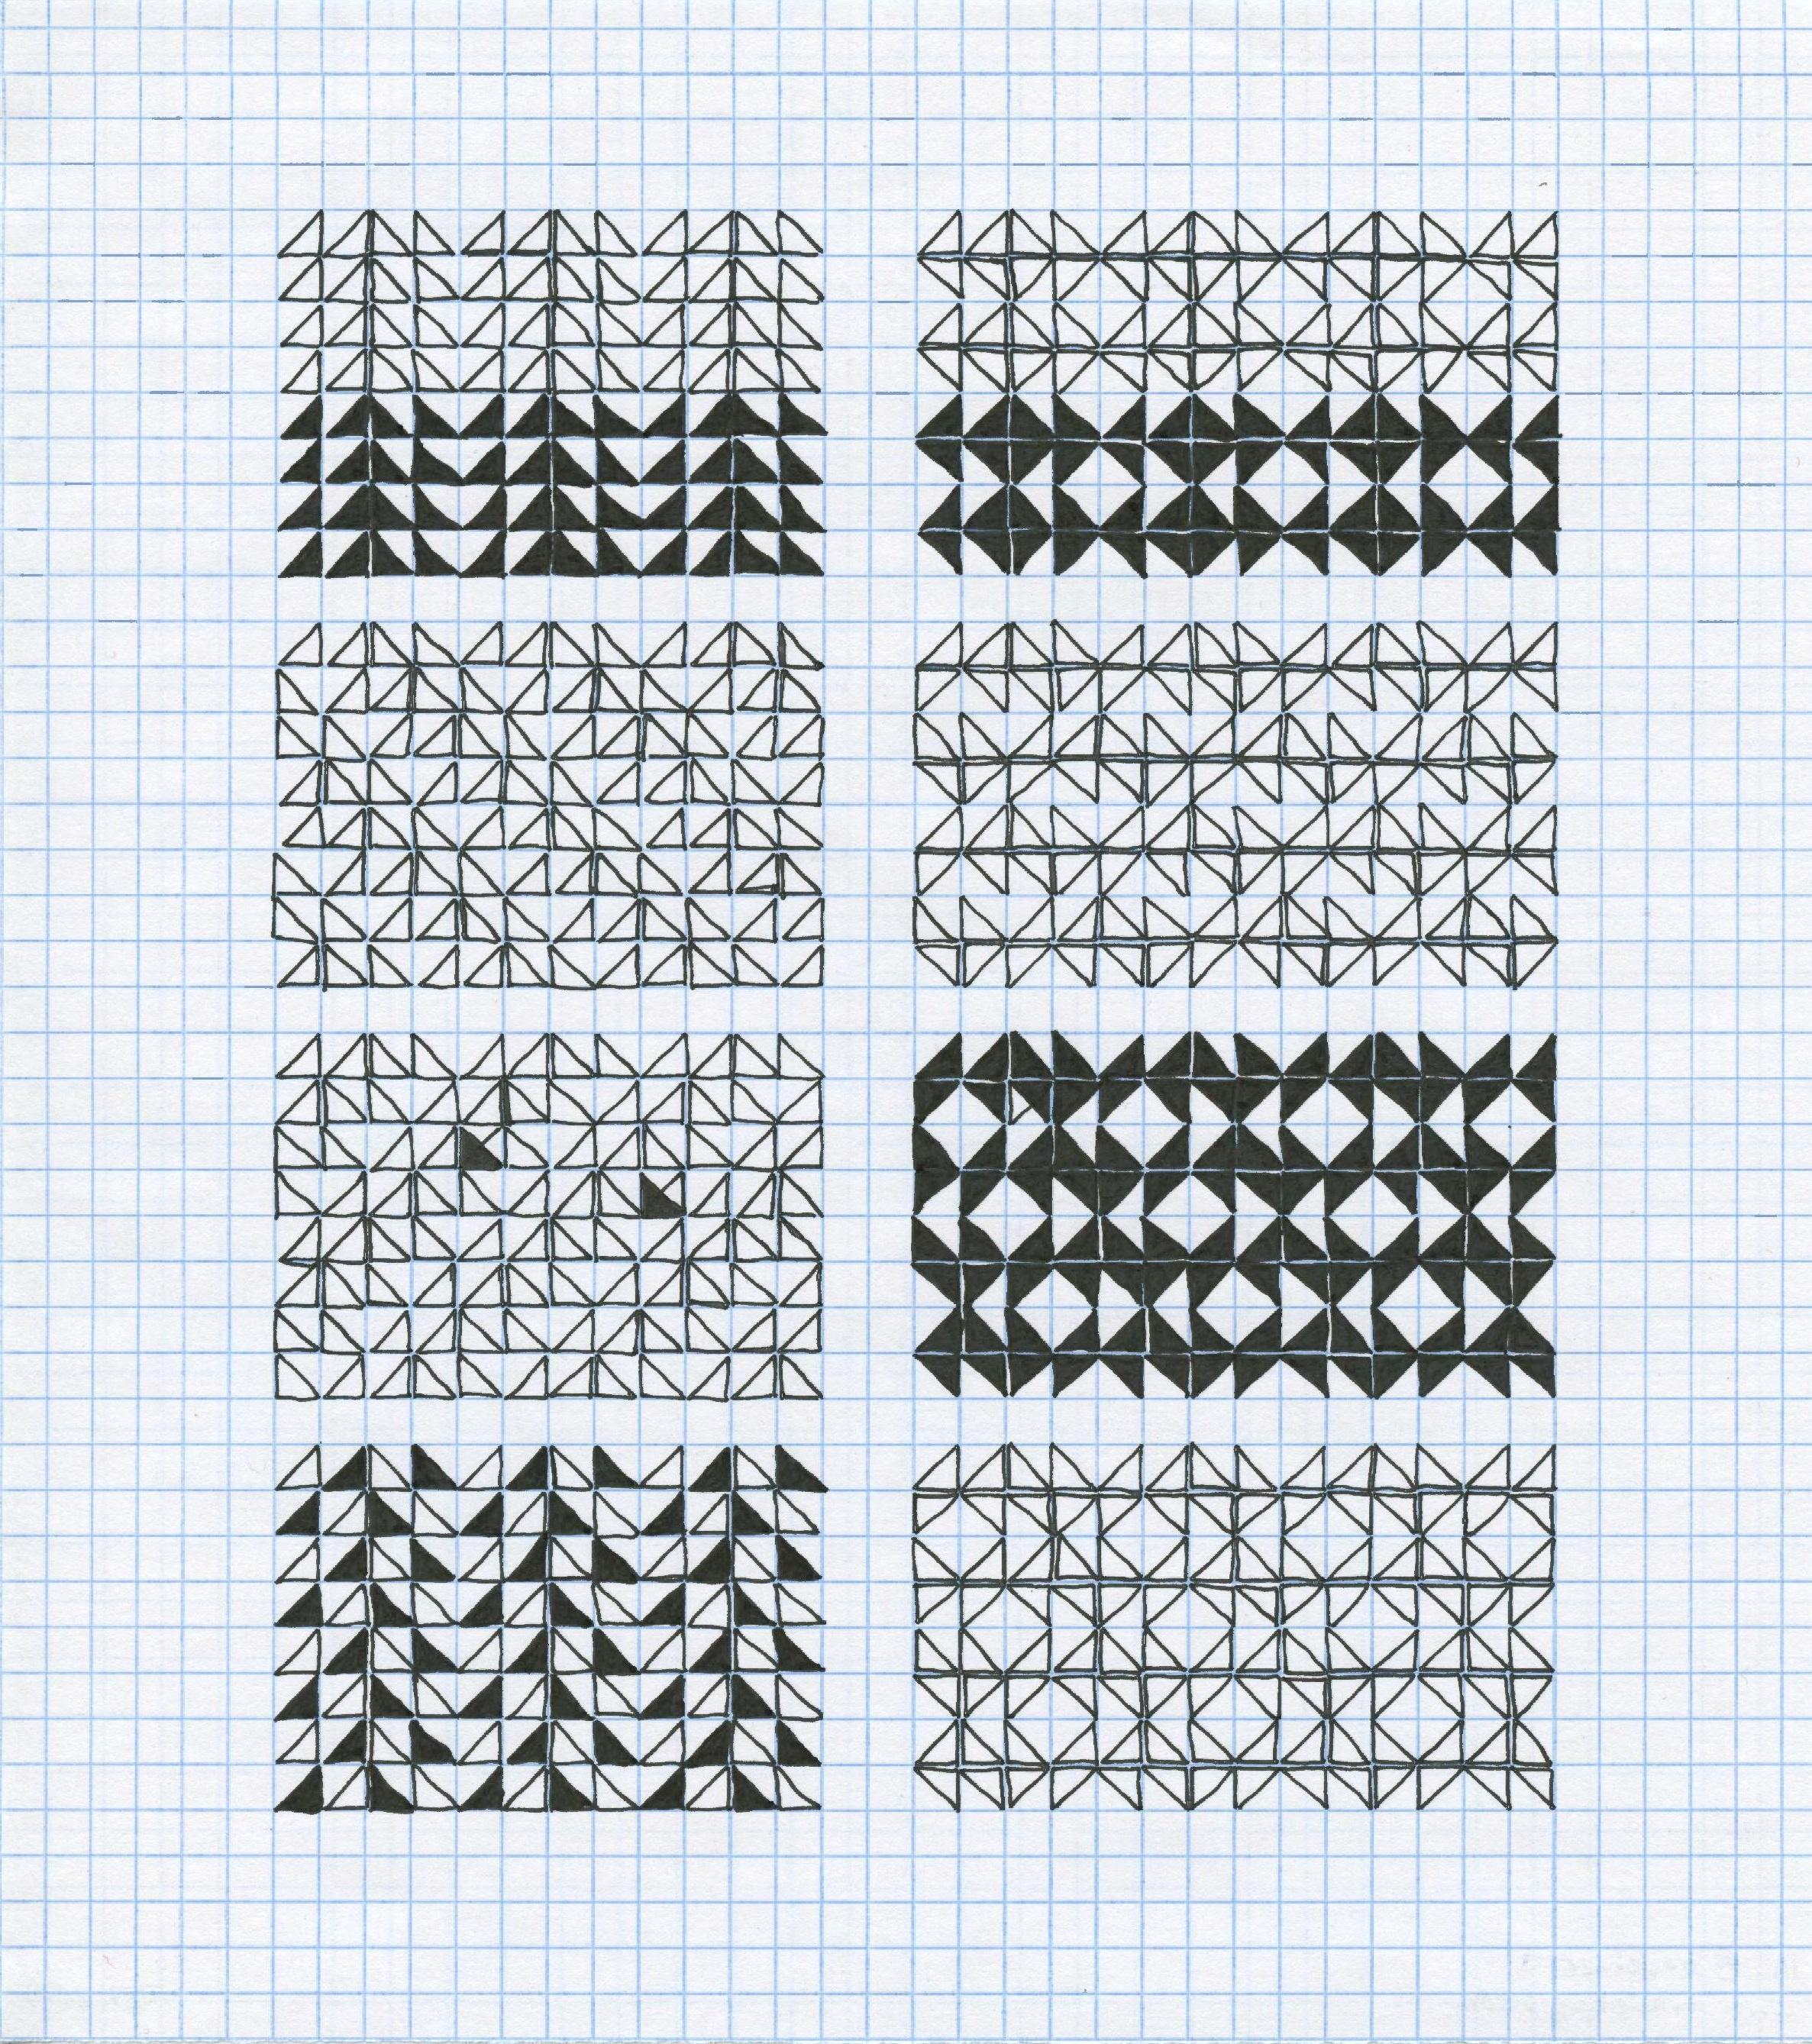 drawings_p7-page-001.jpg